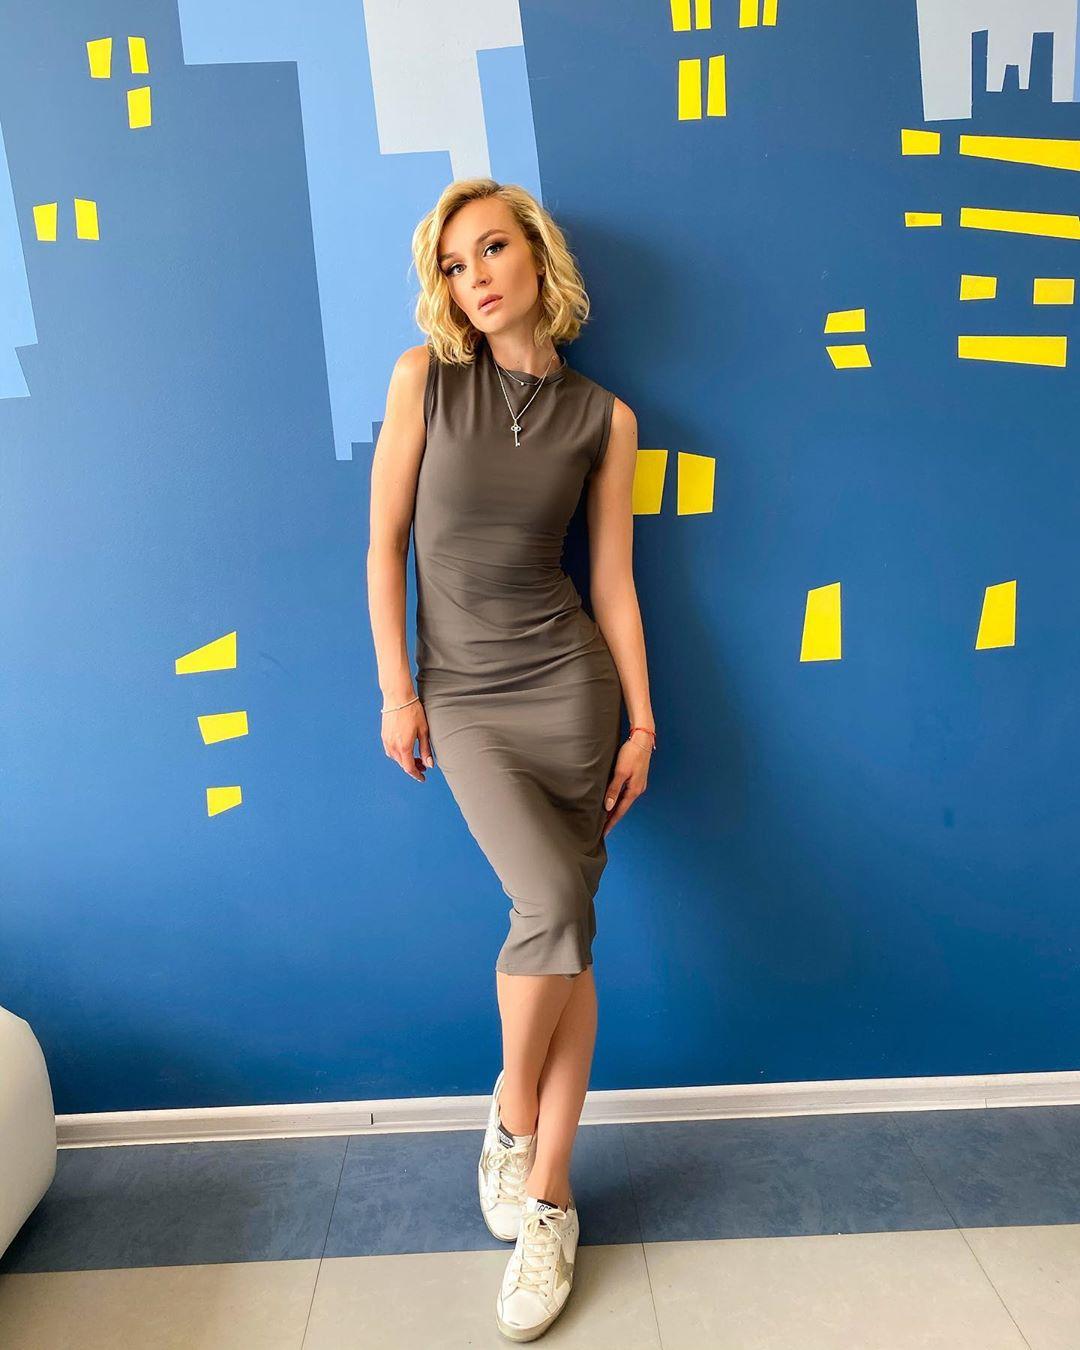 Сегодня чудесный, активный съемочный день Скоро на первом канале! Не пропустите! Платье @terekhovofficial #полинагагарина #гагаринапоехали